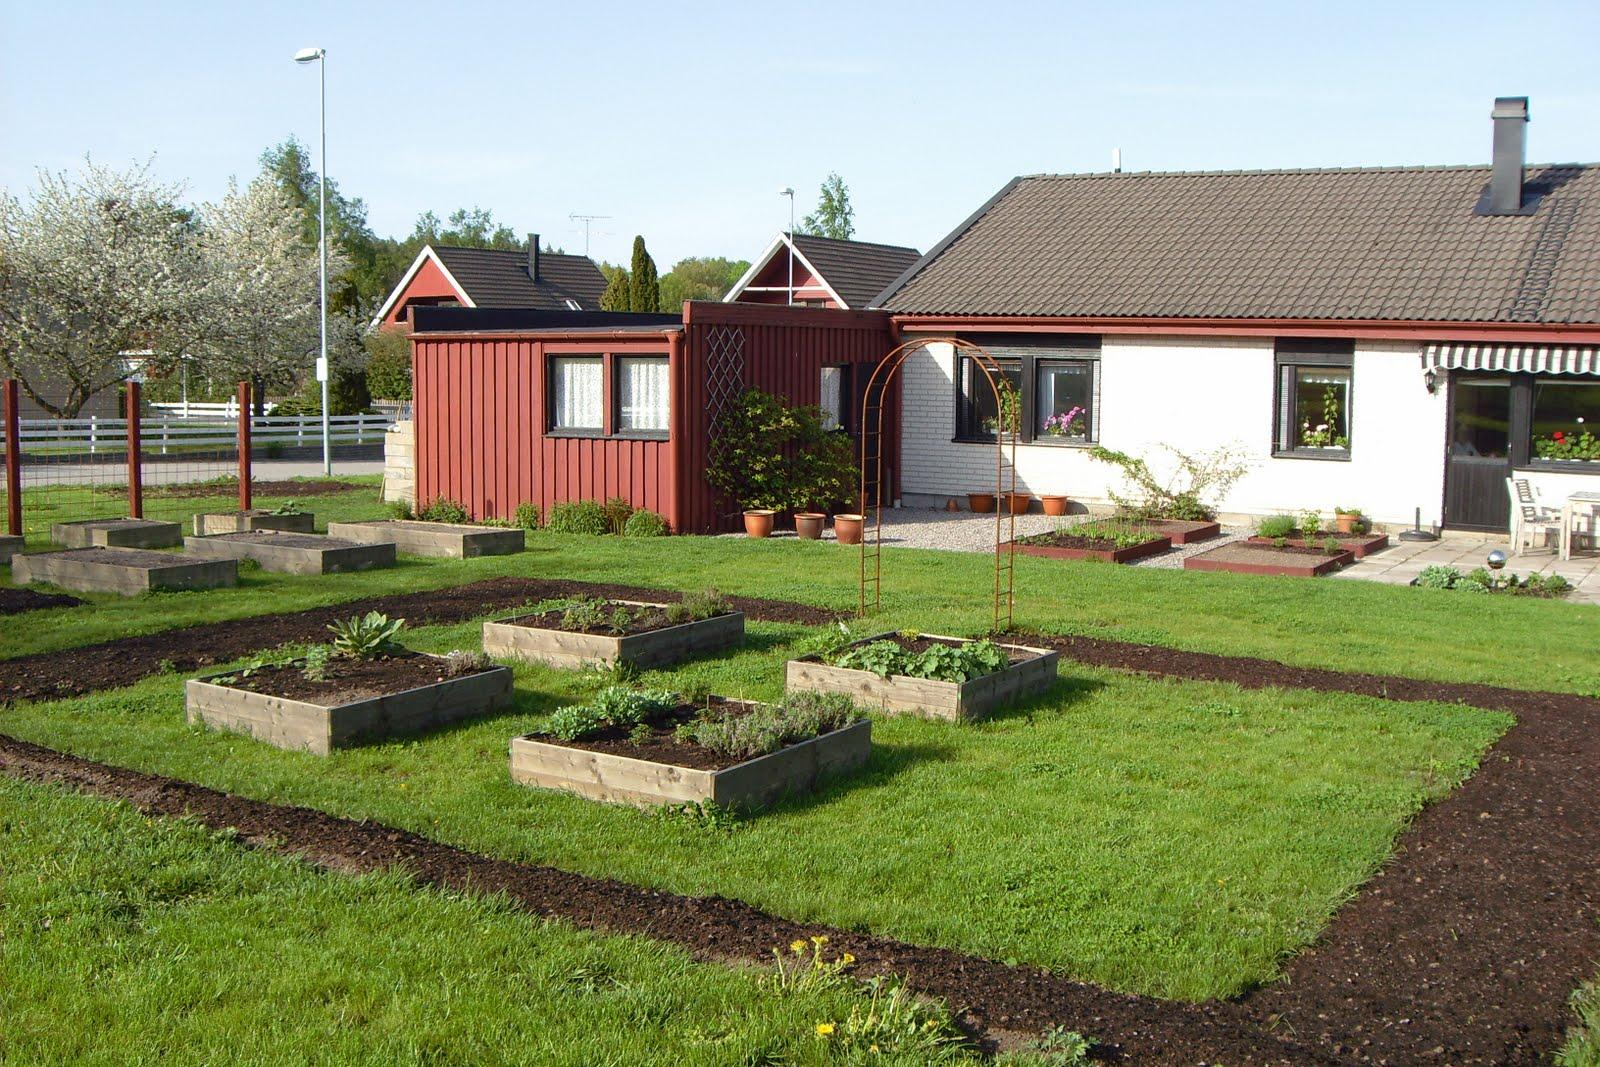 Fägring och mylla och allt trädgårdens goda: Min trädgård. Del 2.